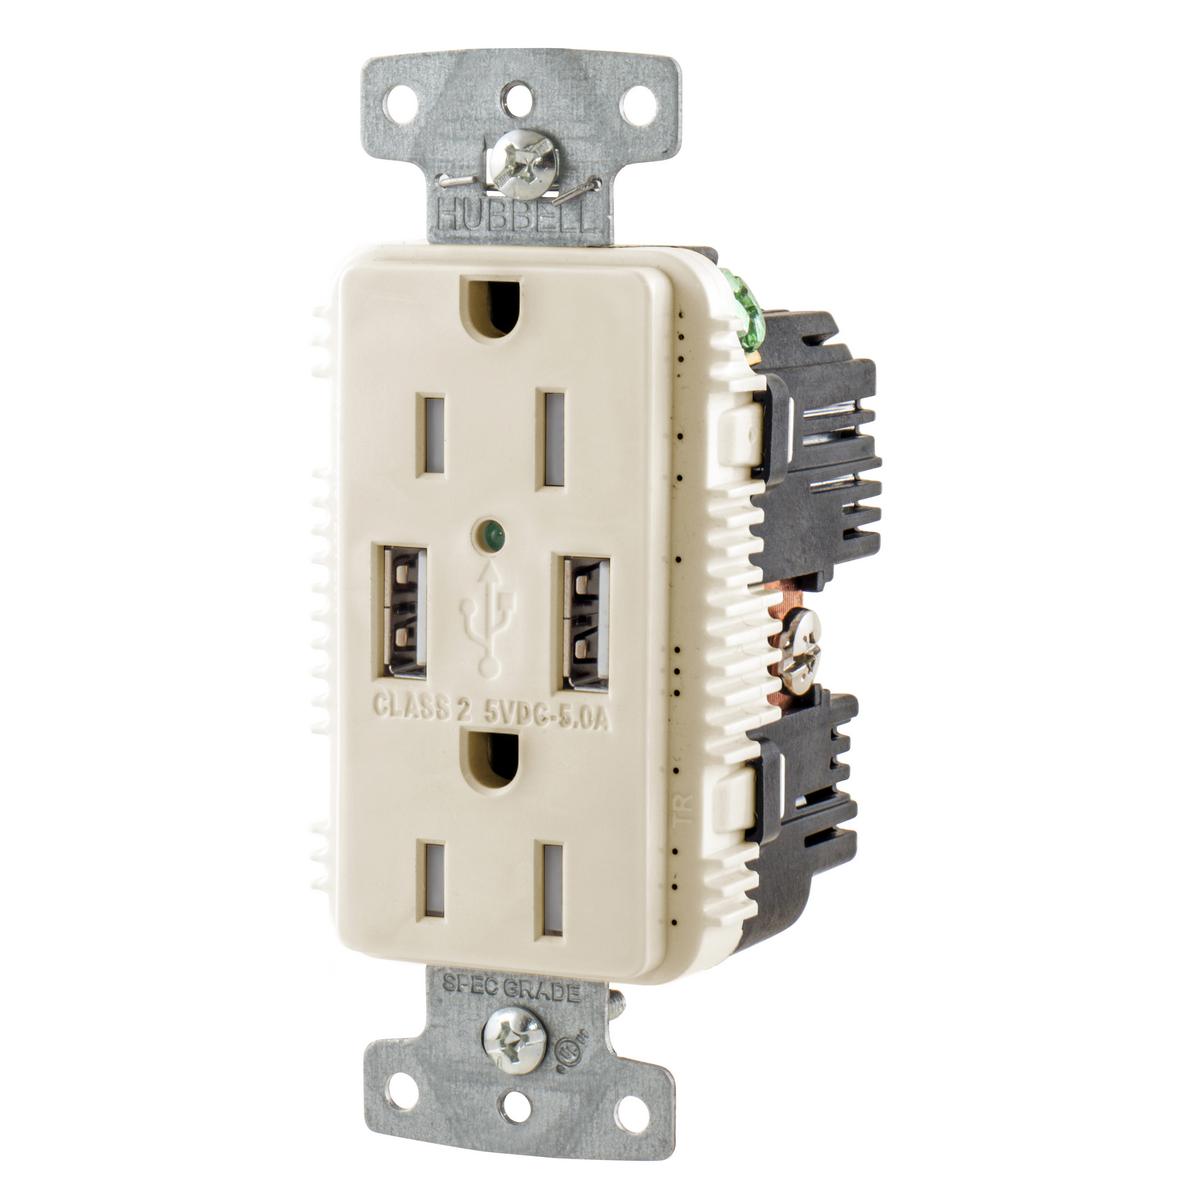 Hubbell USB15A5LA Receptacle DUP 15A 125V 5A 5V USB PORT A LA